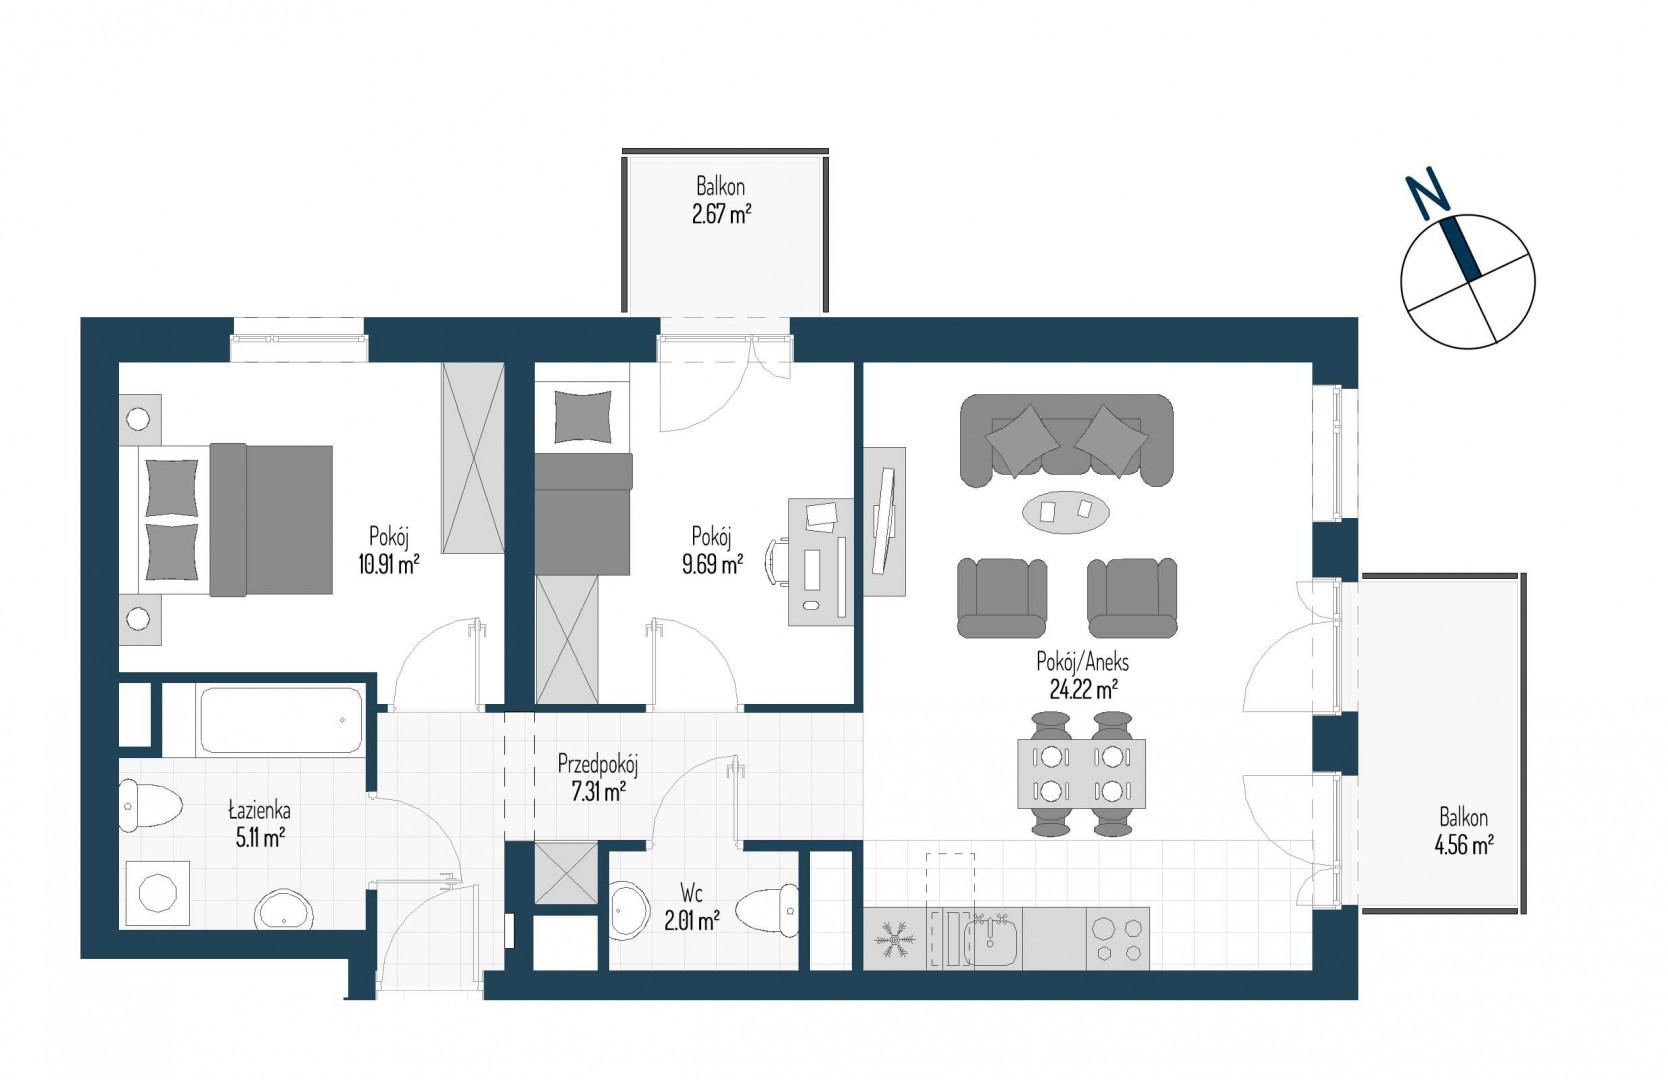 Zdrowe Stylove / budynek 1 / mieszkanie nr M85 rzut 1